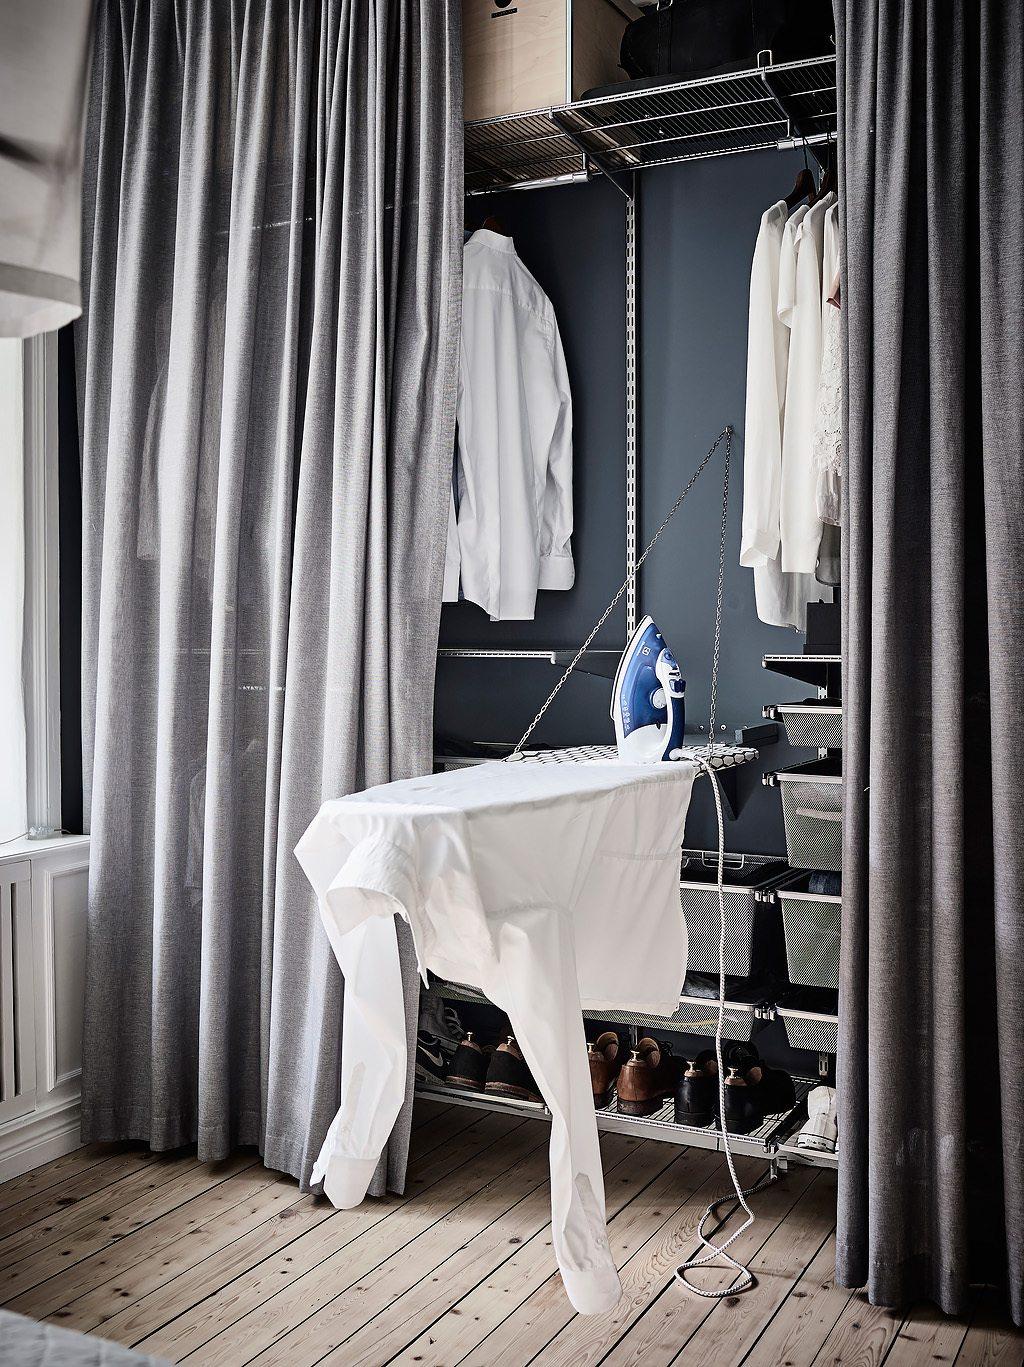 In deze mooie slaapkamer zijn gordijnen opgehangen vóór de open ...